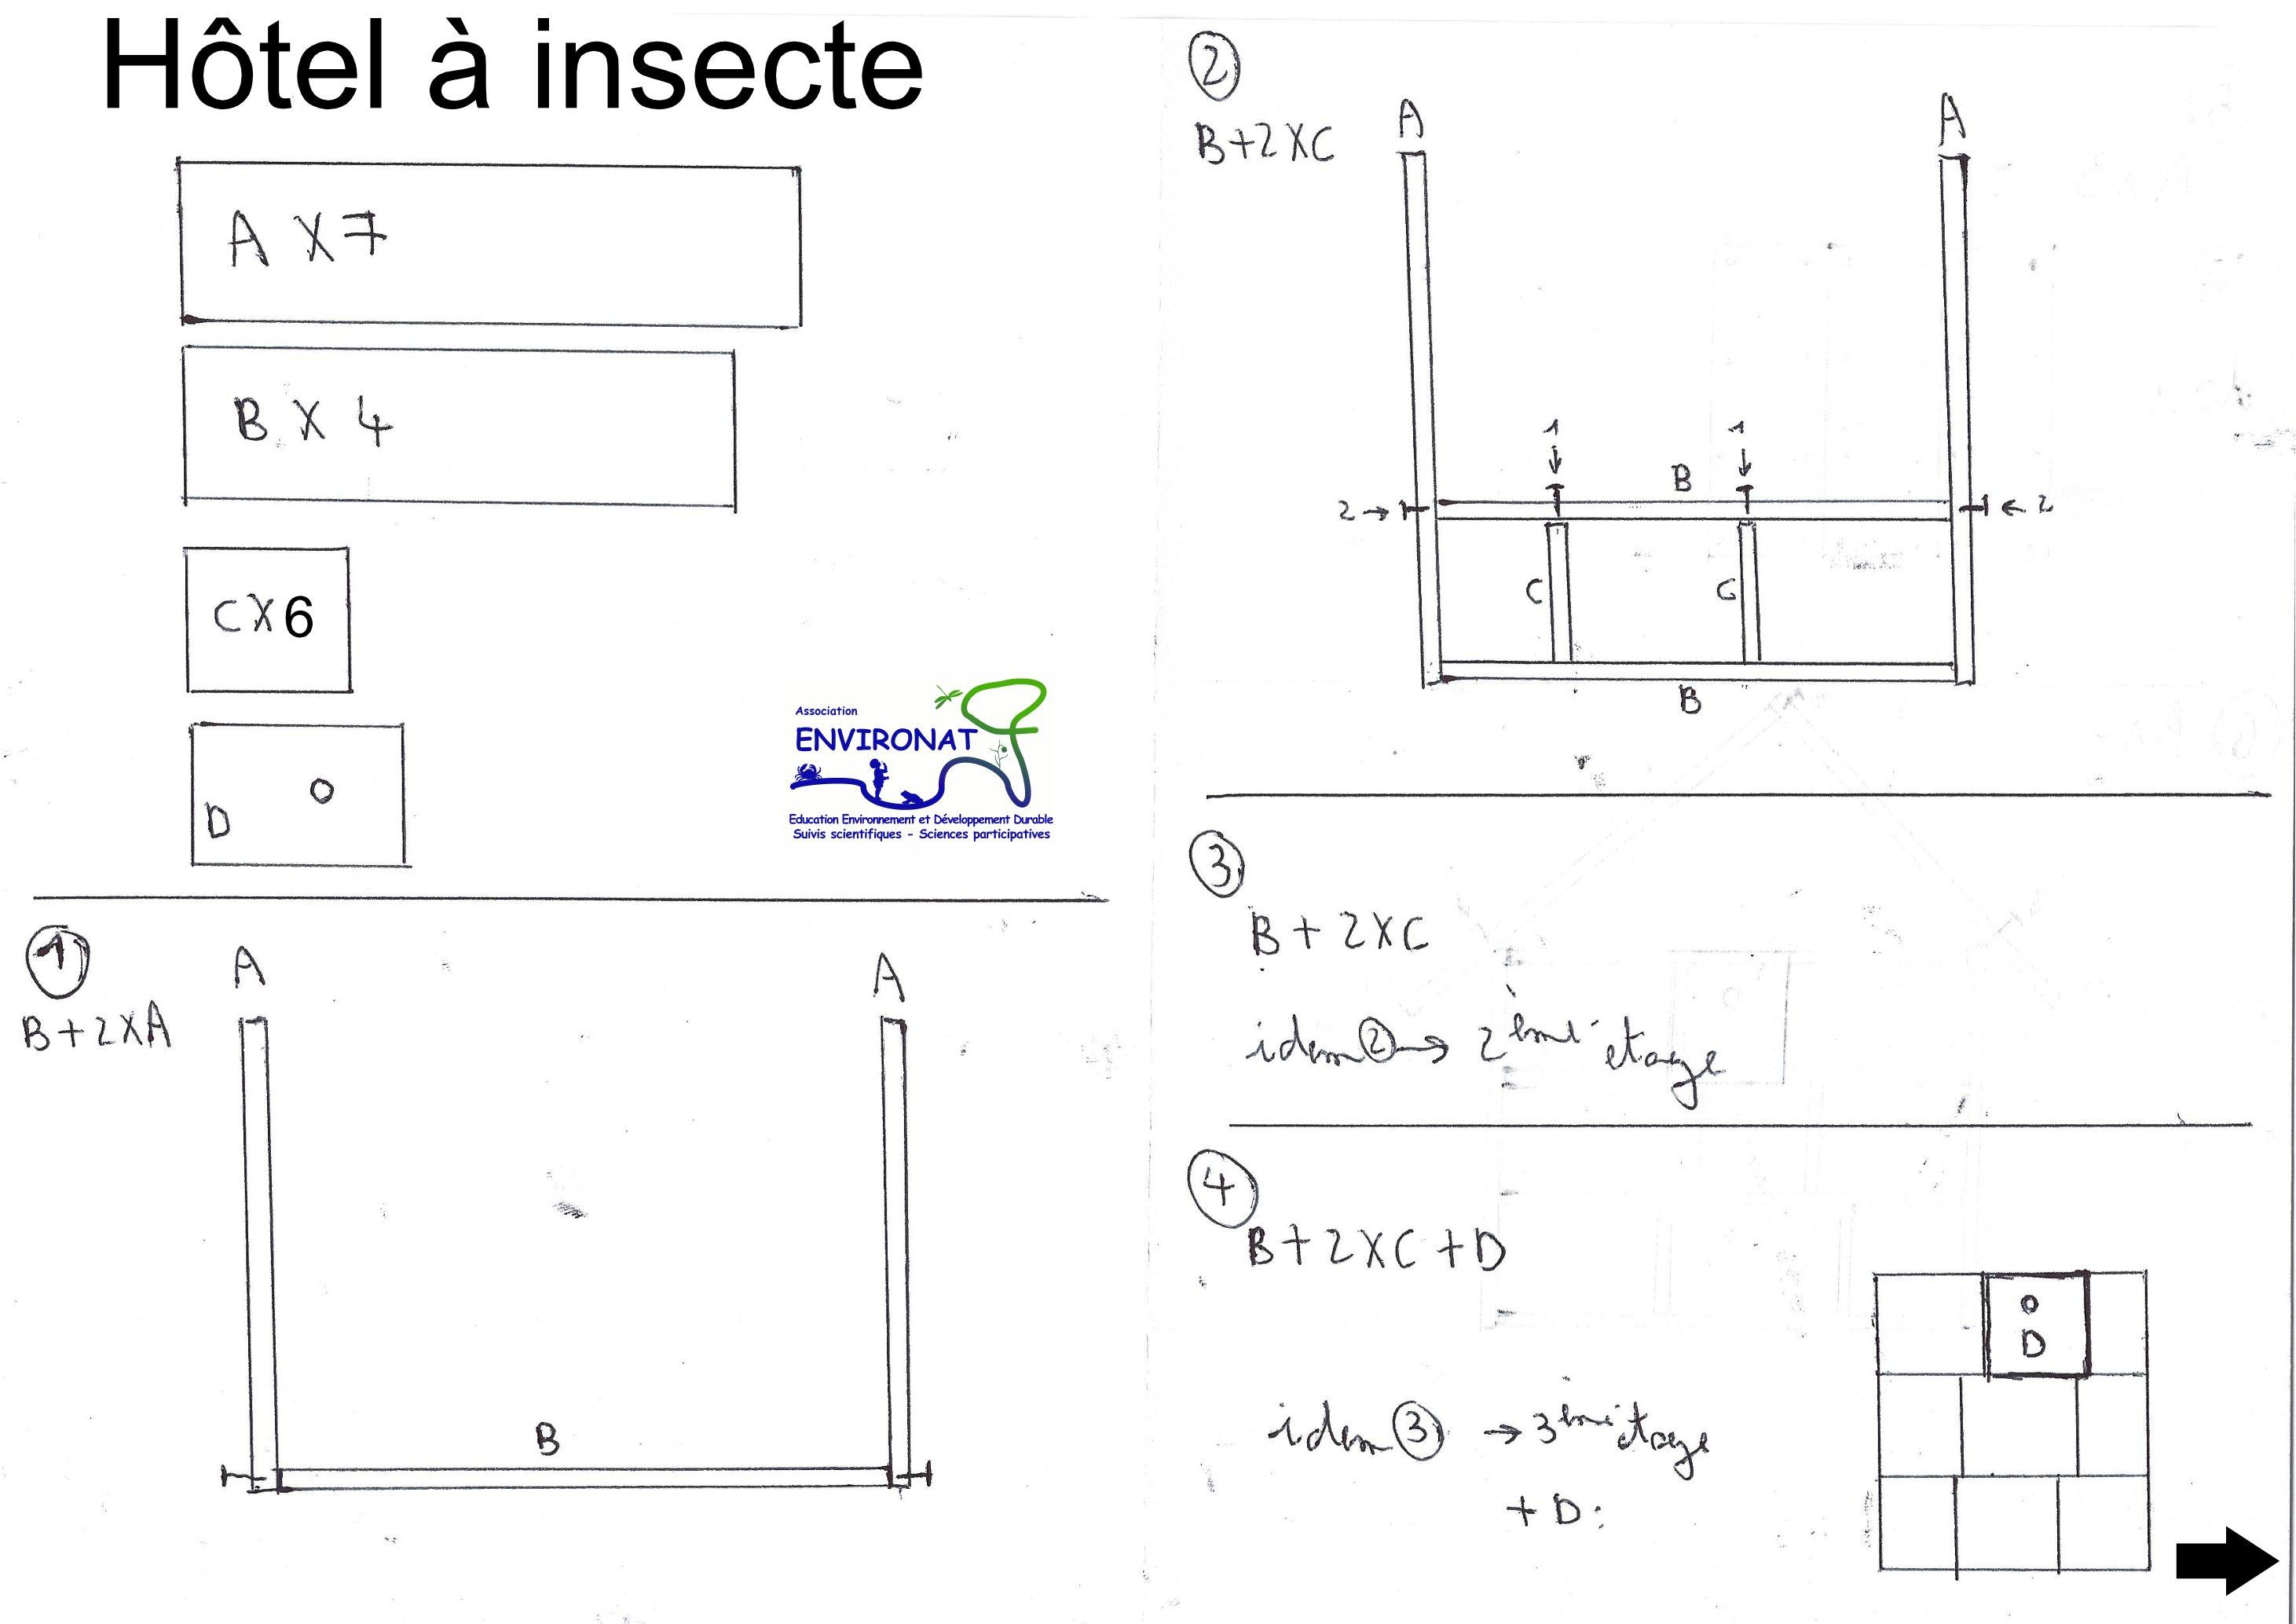 Hotel A Insecte Fabrication construire et installer un hôtel à insecte – environat